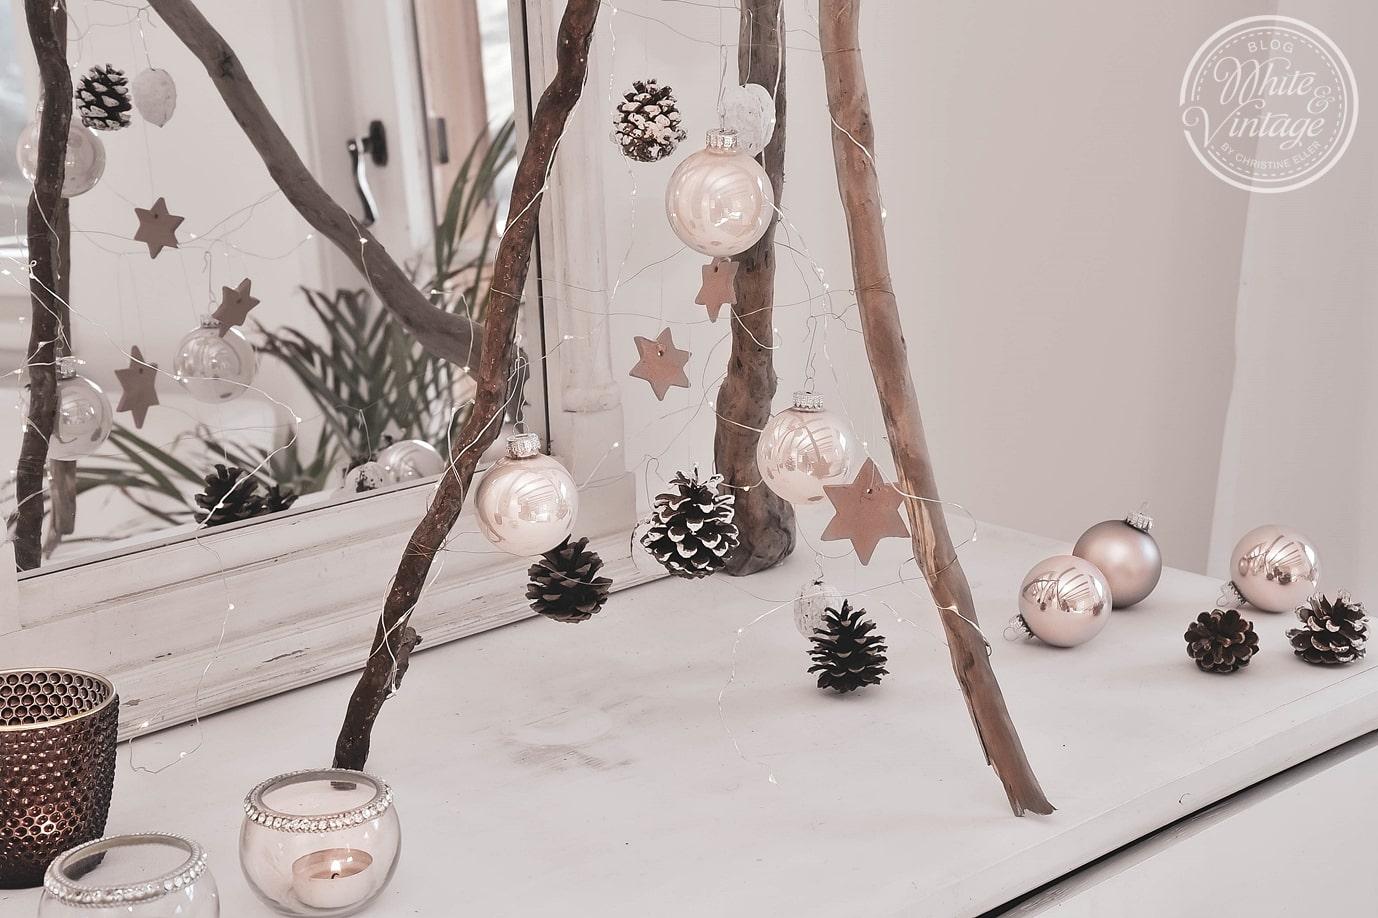 Weihnachtsbaum aus Holz mit natürlichem Weihnachtsschmuck.